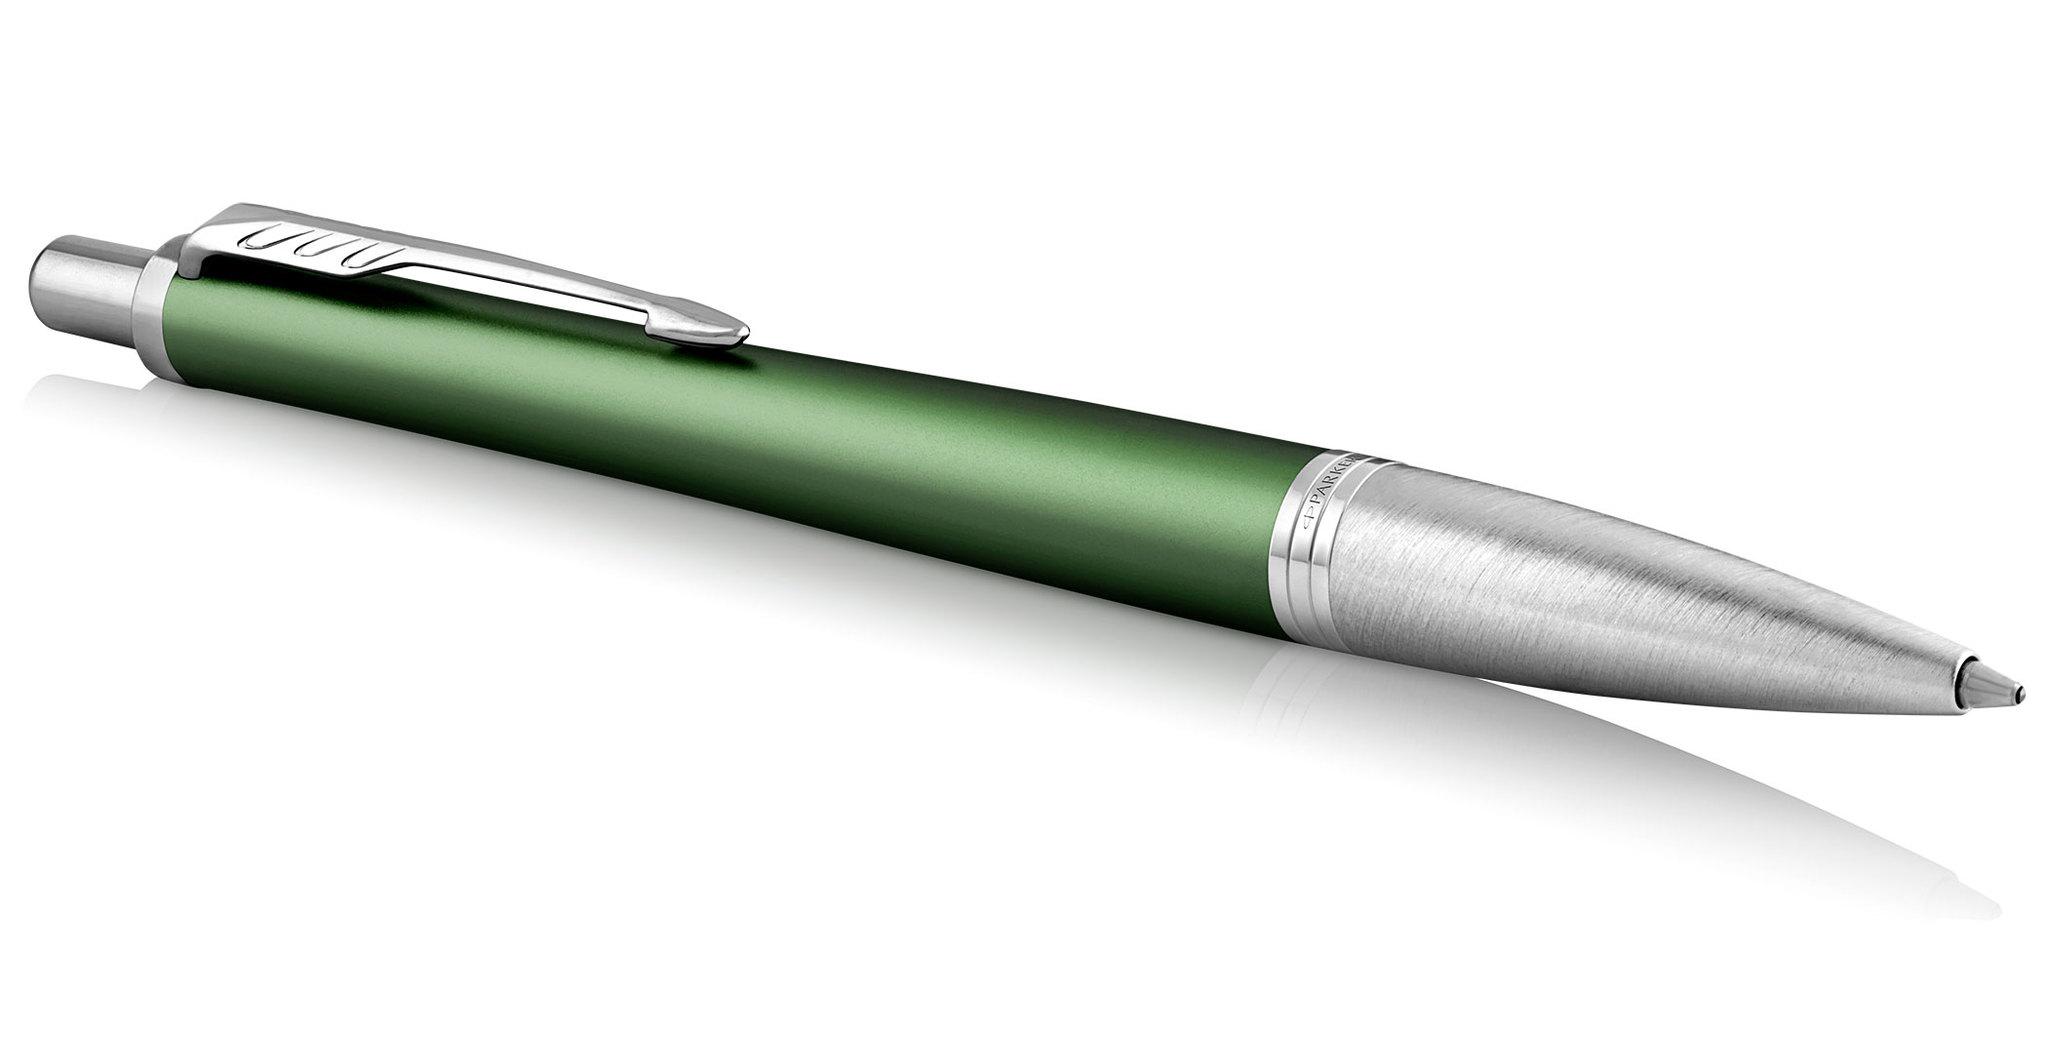 Ручка переворачивается картинка работа